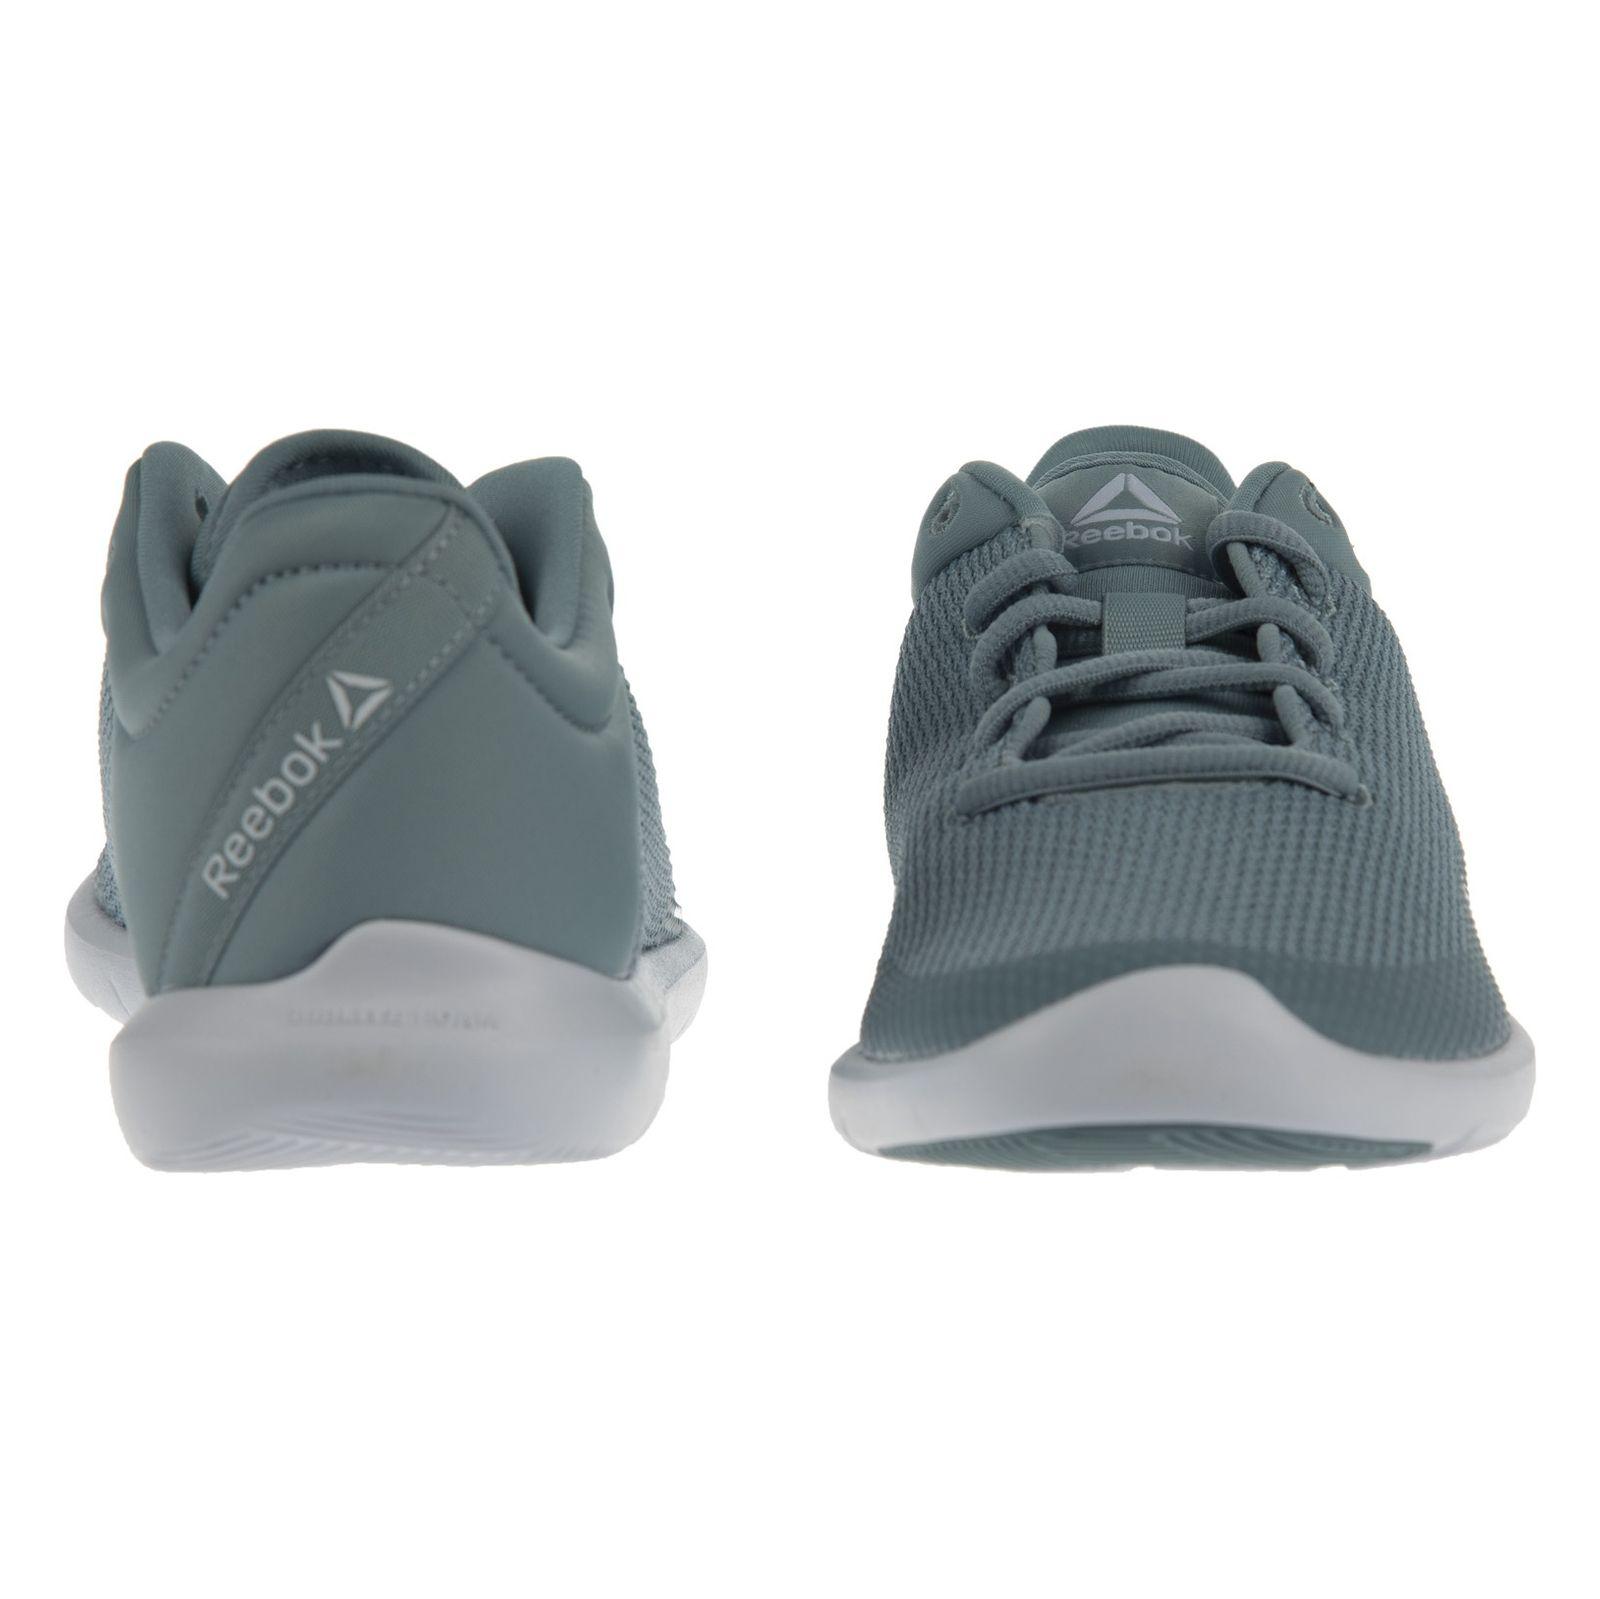 کفش زنانه ریباک مدل Studio Basics - سبز آبی - 5